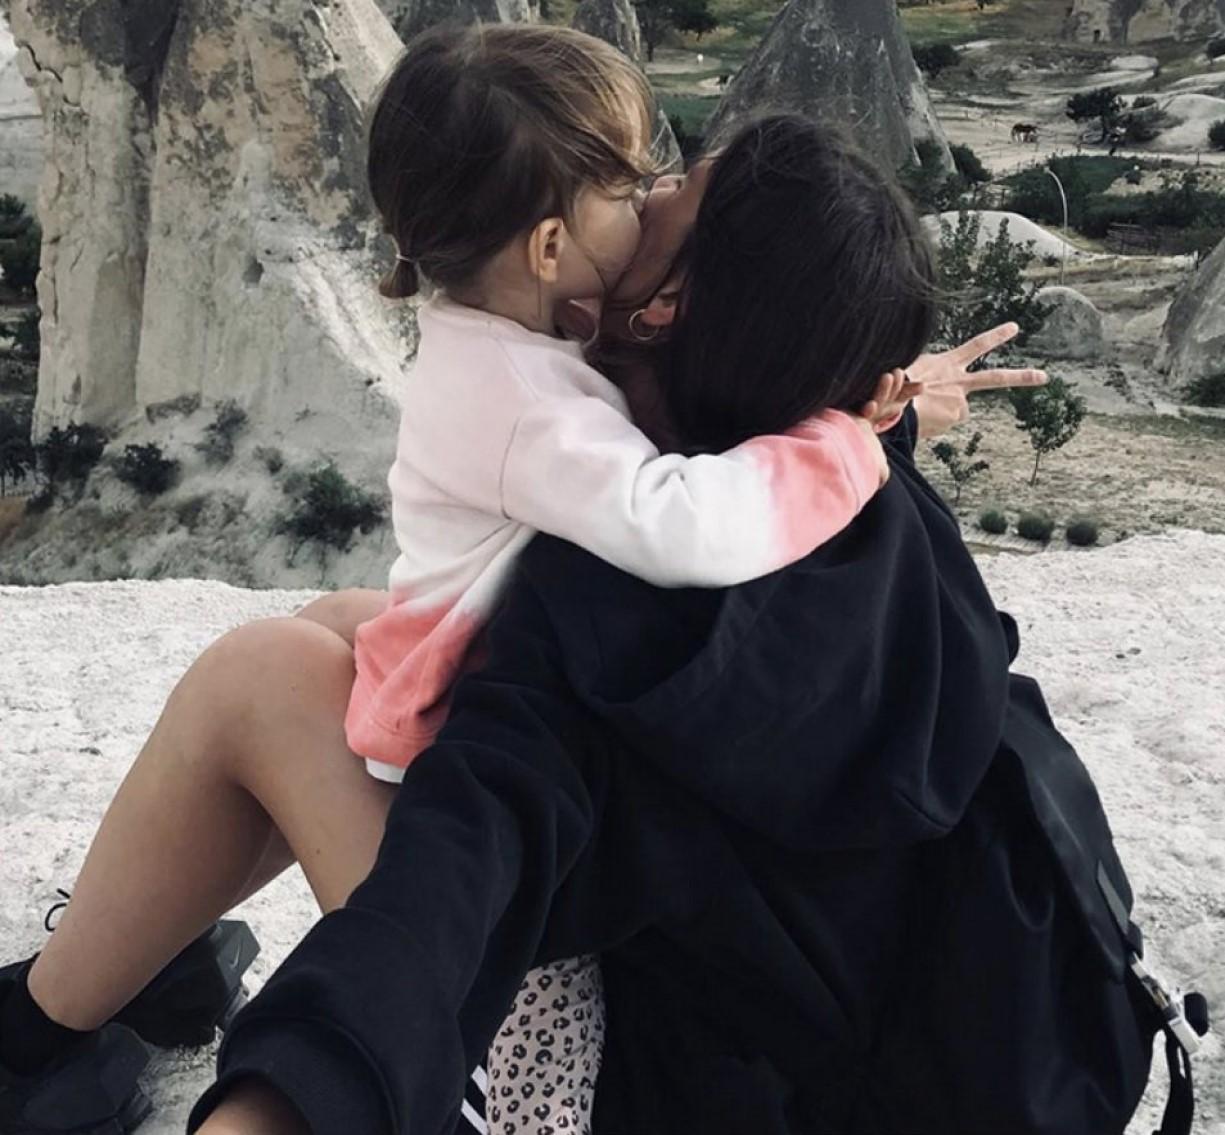 davide astori francesca fioretti nuovo fidanzato Aleksandar Kolarov